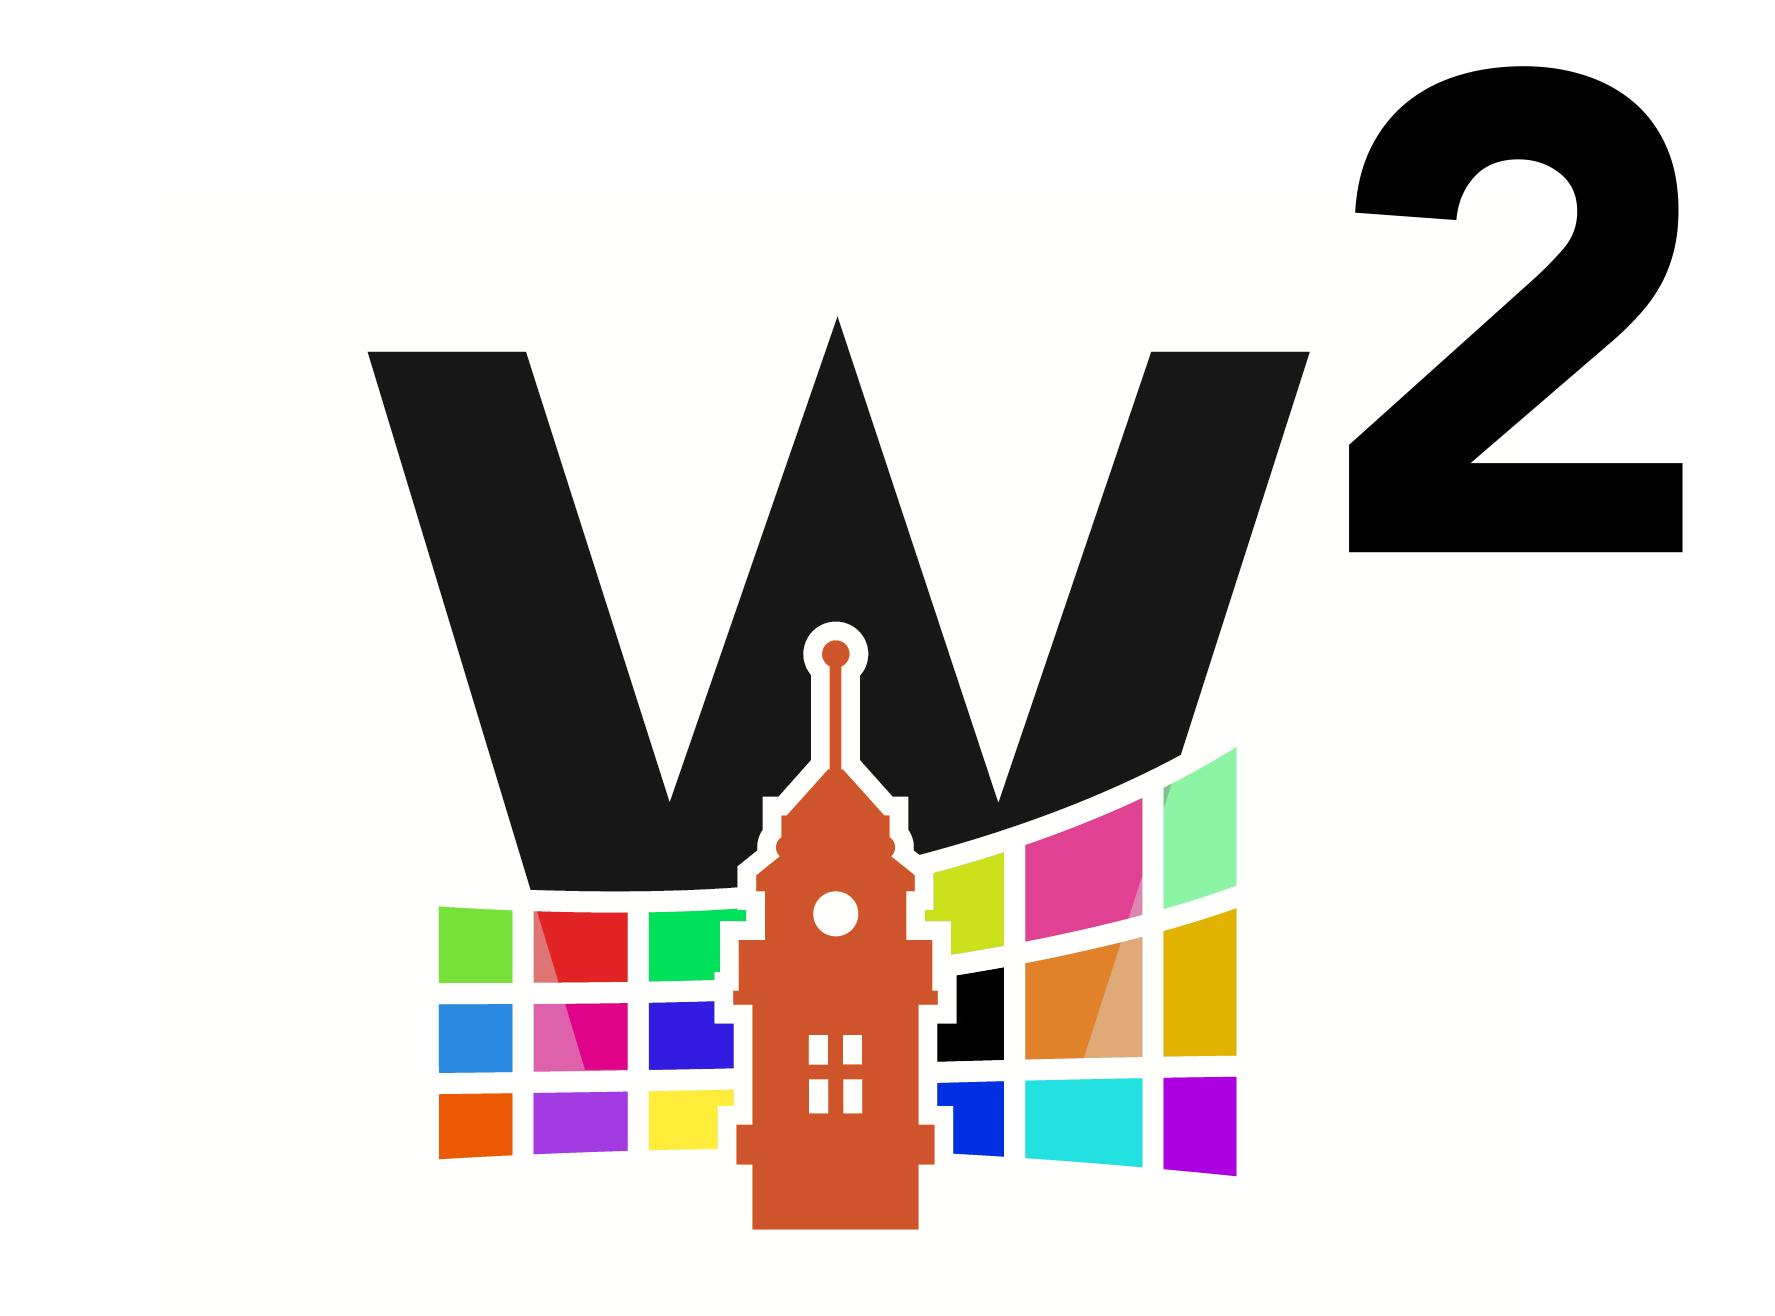 Whatcom Squared